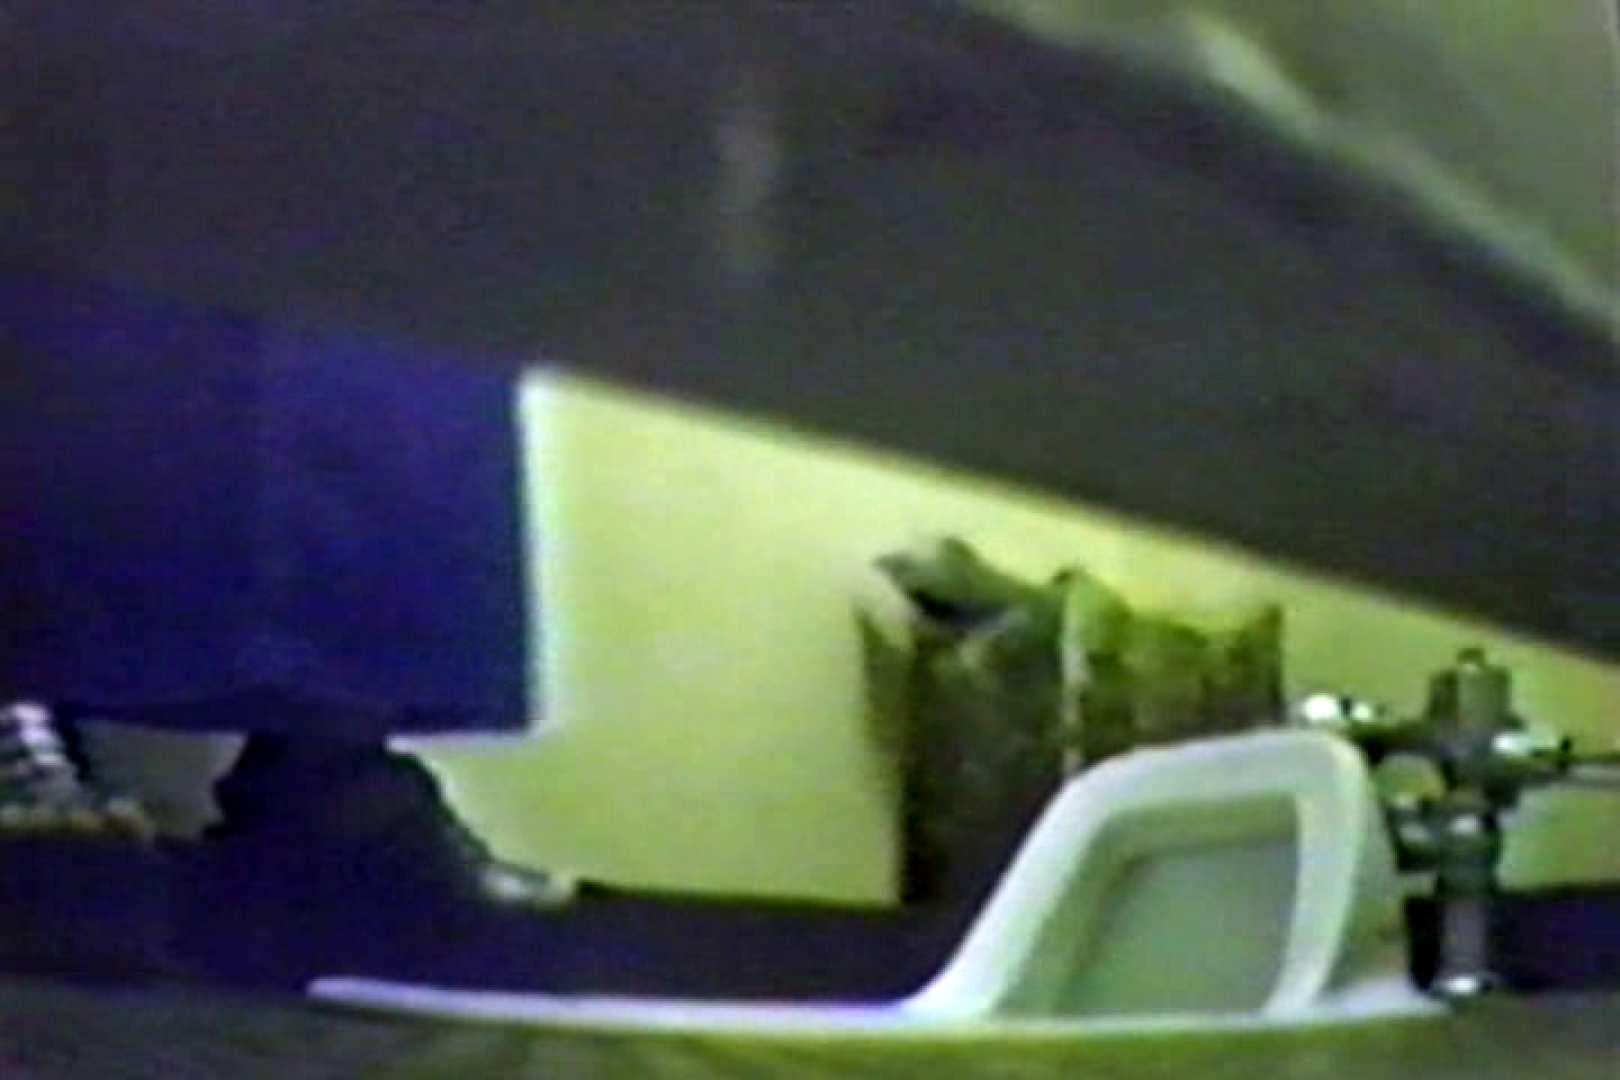 個室狂いのマニア映像Vol.1 いやらしいOL  78連発 56